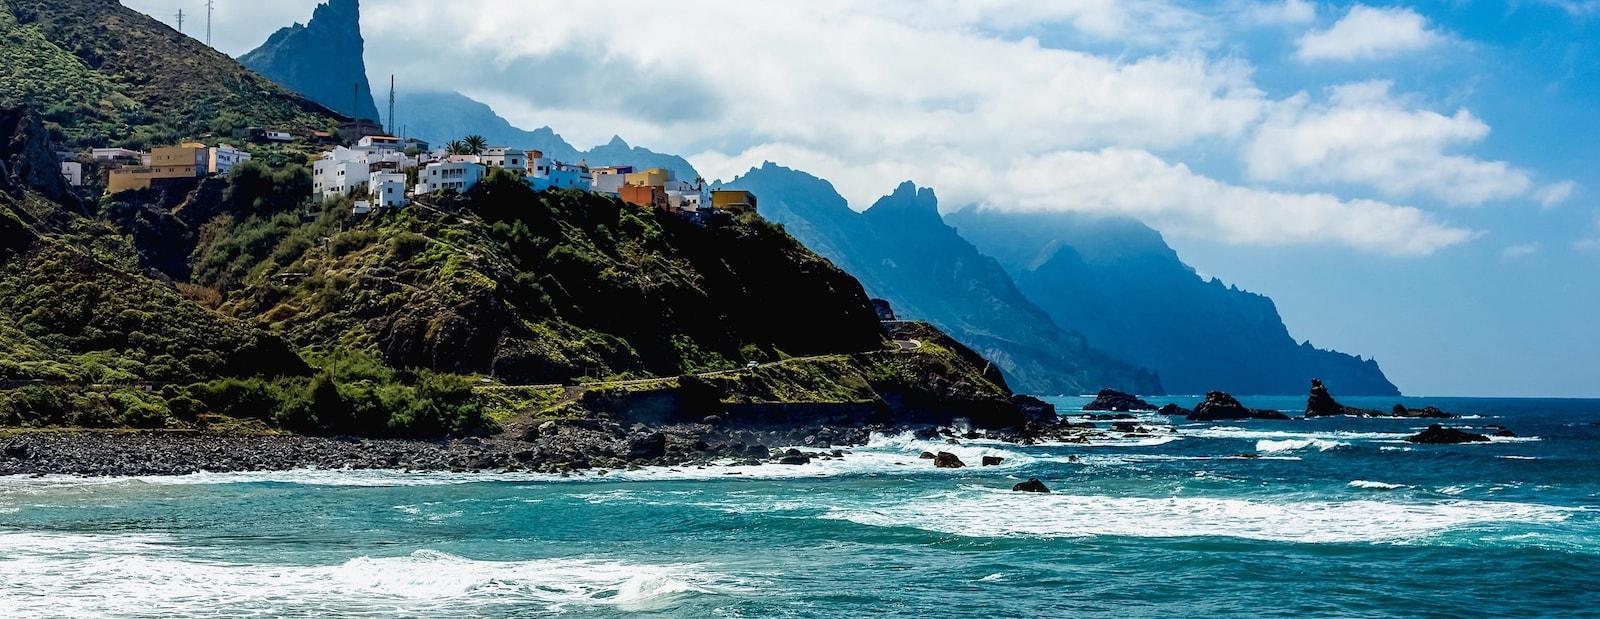 Costa Adeje的度假屋